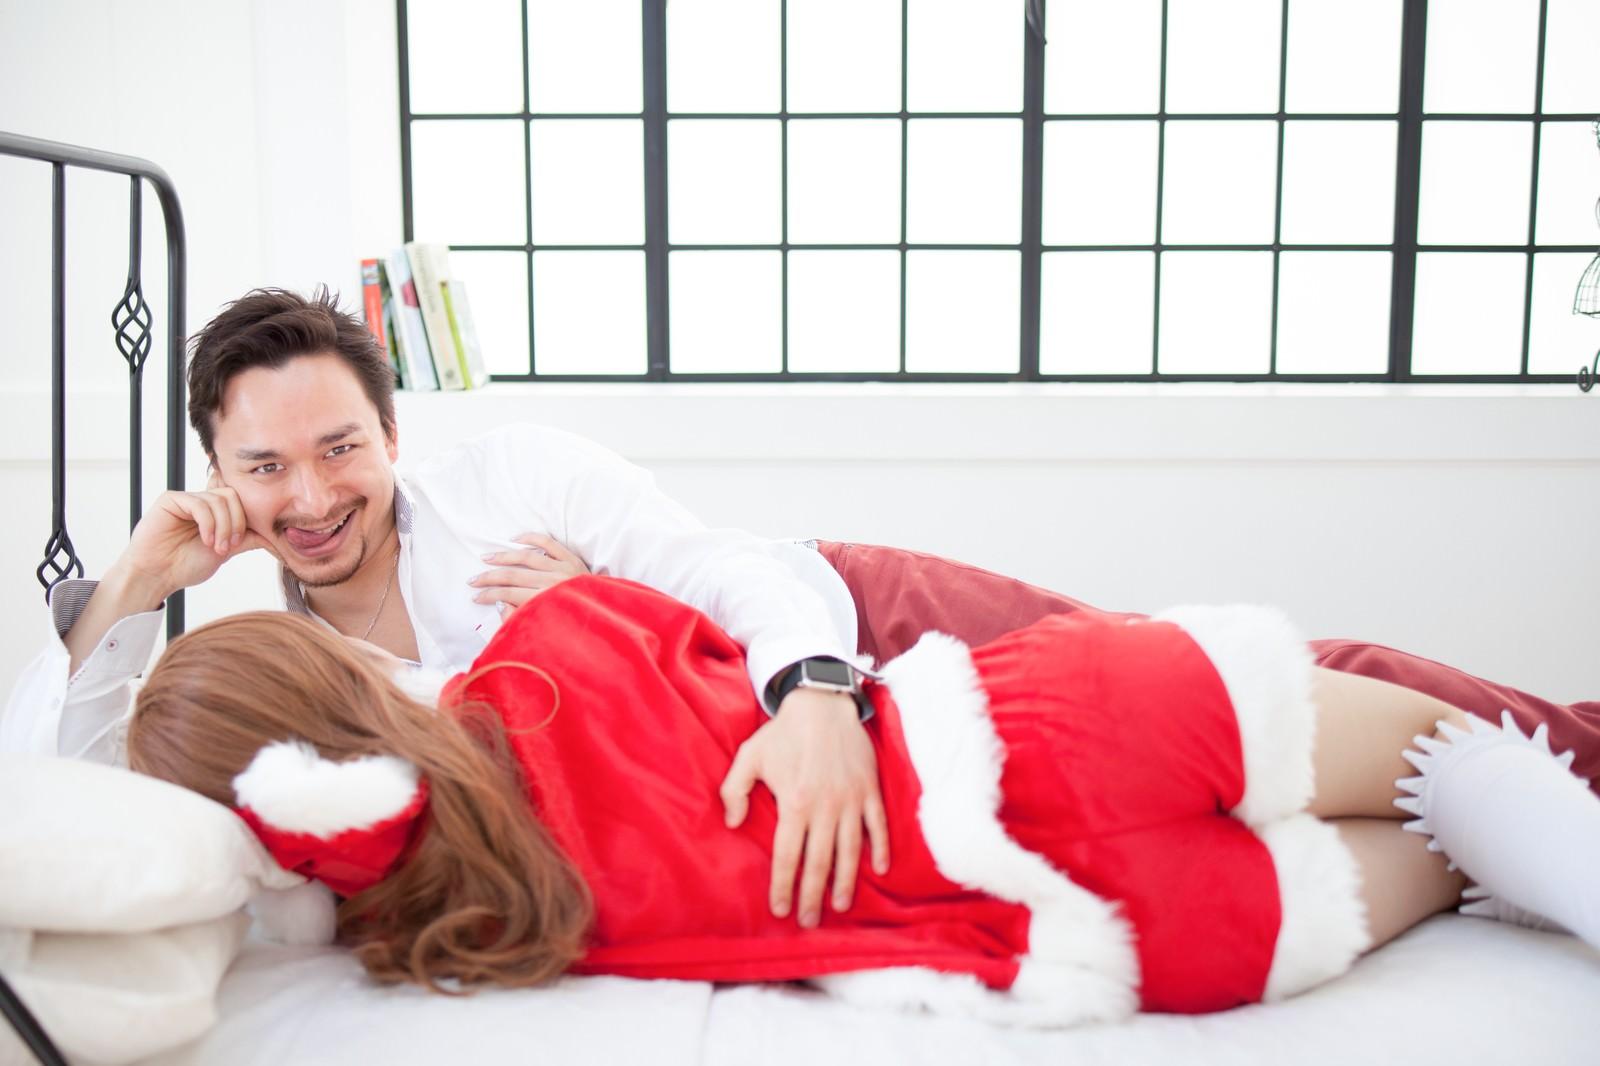 「女性サンタをゲットしたゲス顔ドイツ人ハーフ女性サンタをゲットしたゲス顔ドイツ人ハーフ」[モデル:Max_Ezaki]のフリー写真素材を拡大